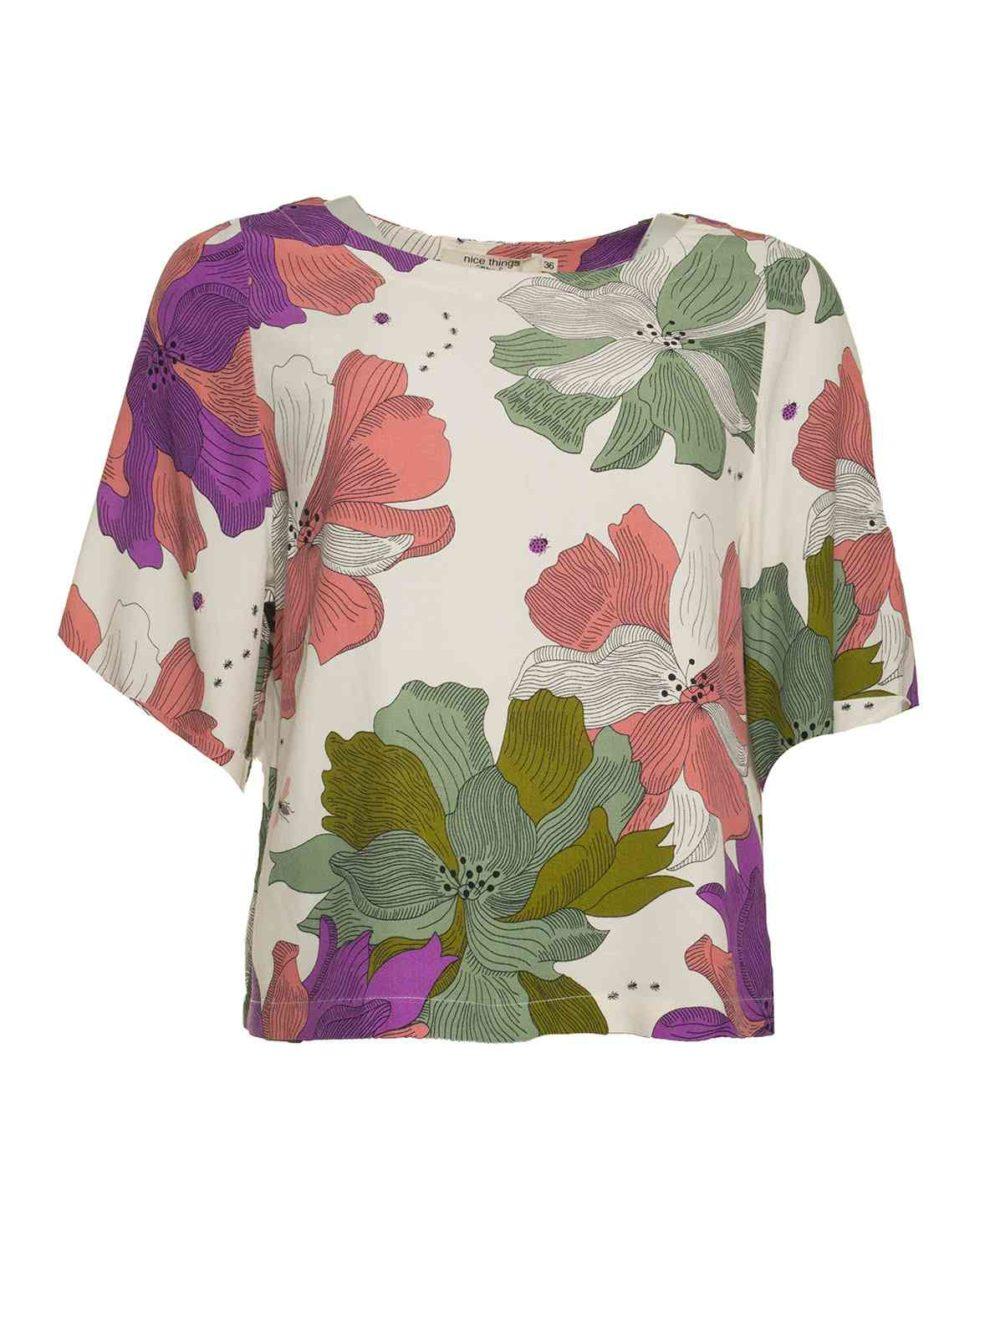 Big Nature Print Top Nice Things Katie Kerr Women's Clothing